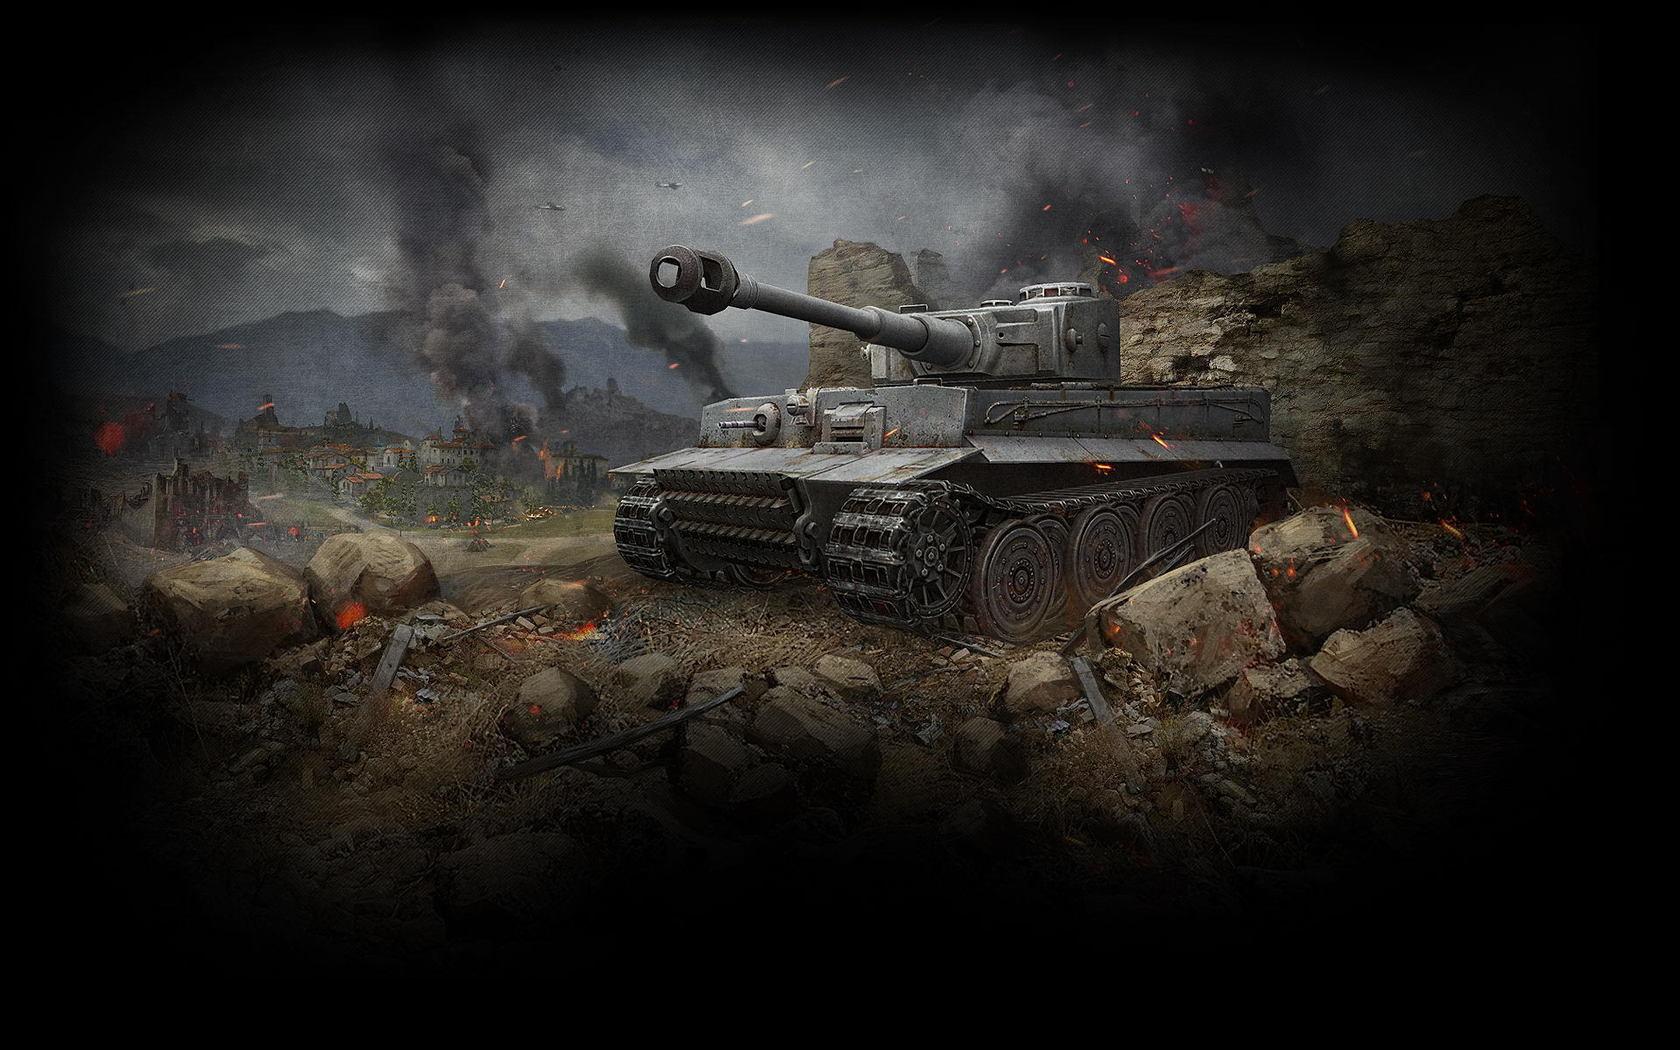 тигр, тяжелый танк, скачать фото, обои для рабочего стола